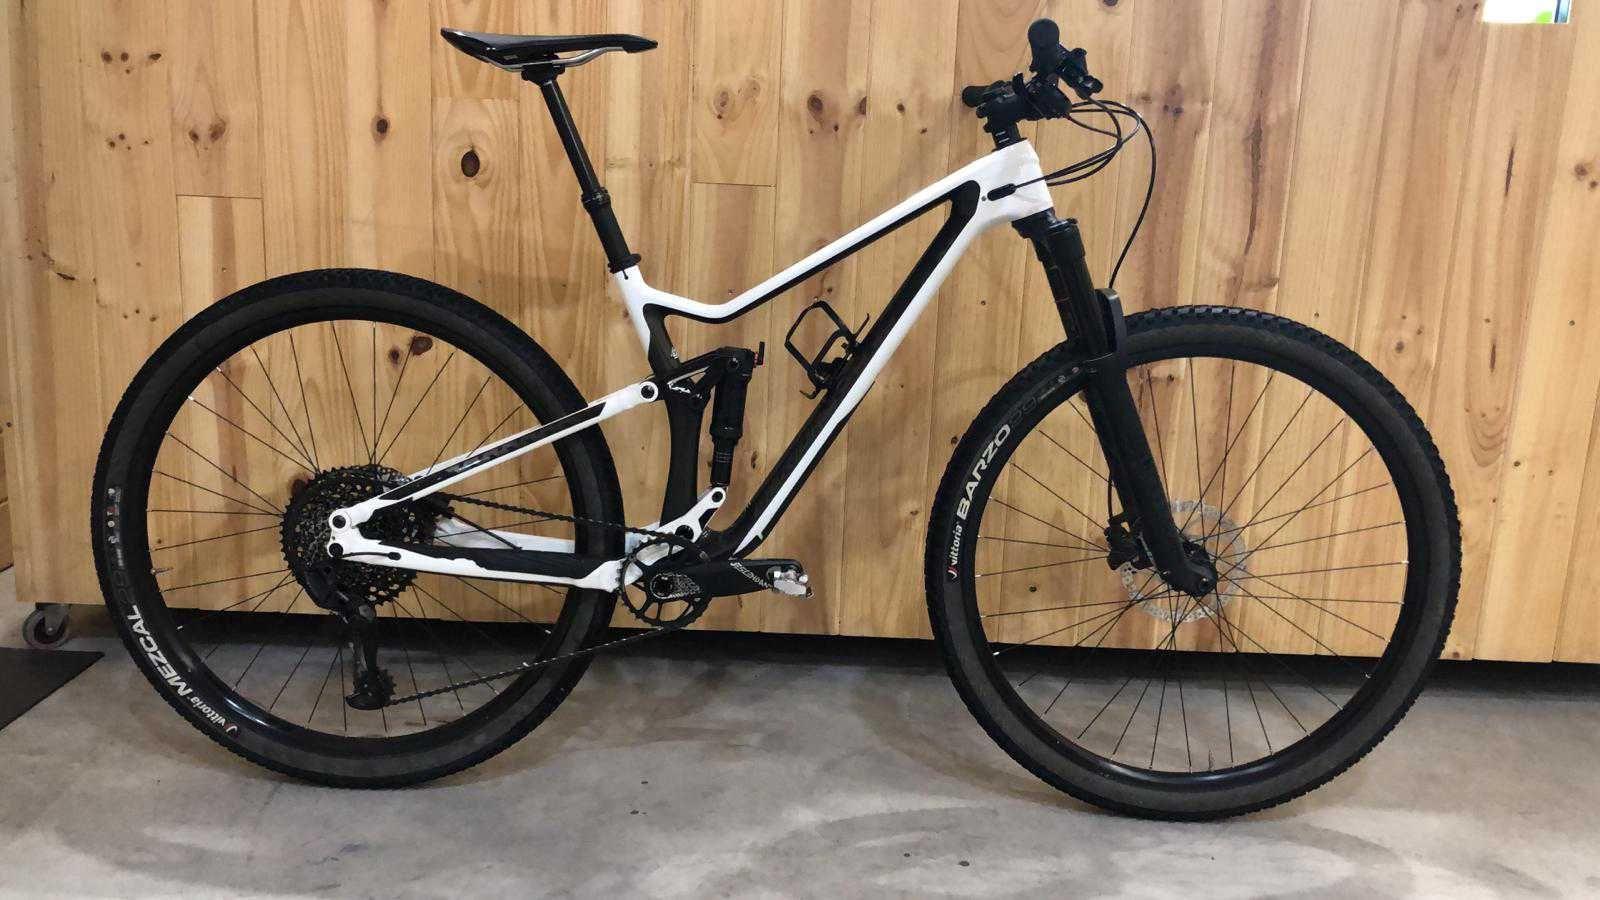 Bicicleta Merida One Twenty En Talla M 59729 Categoría Bicicletas De Montaña Año 2019 Cambio Sram Sx Eagle Bicicletas Bicicletas Merida Bicicletas Mtb